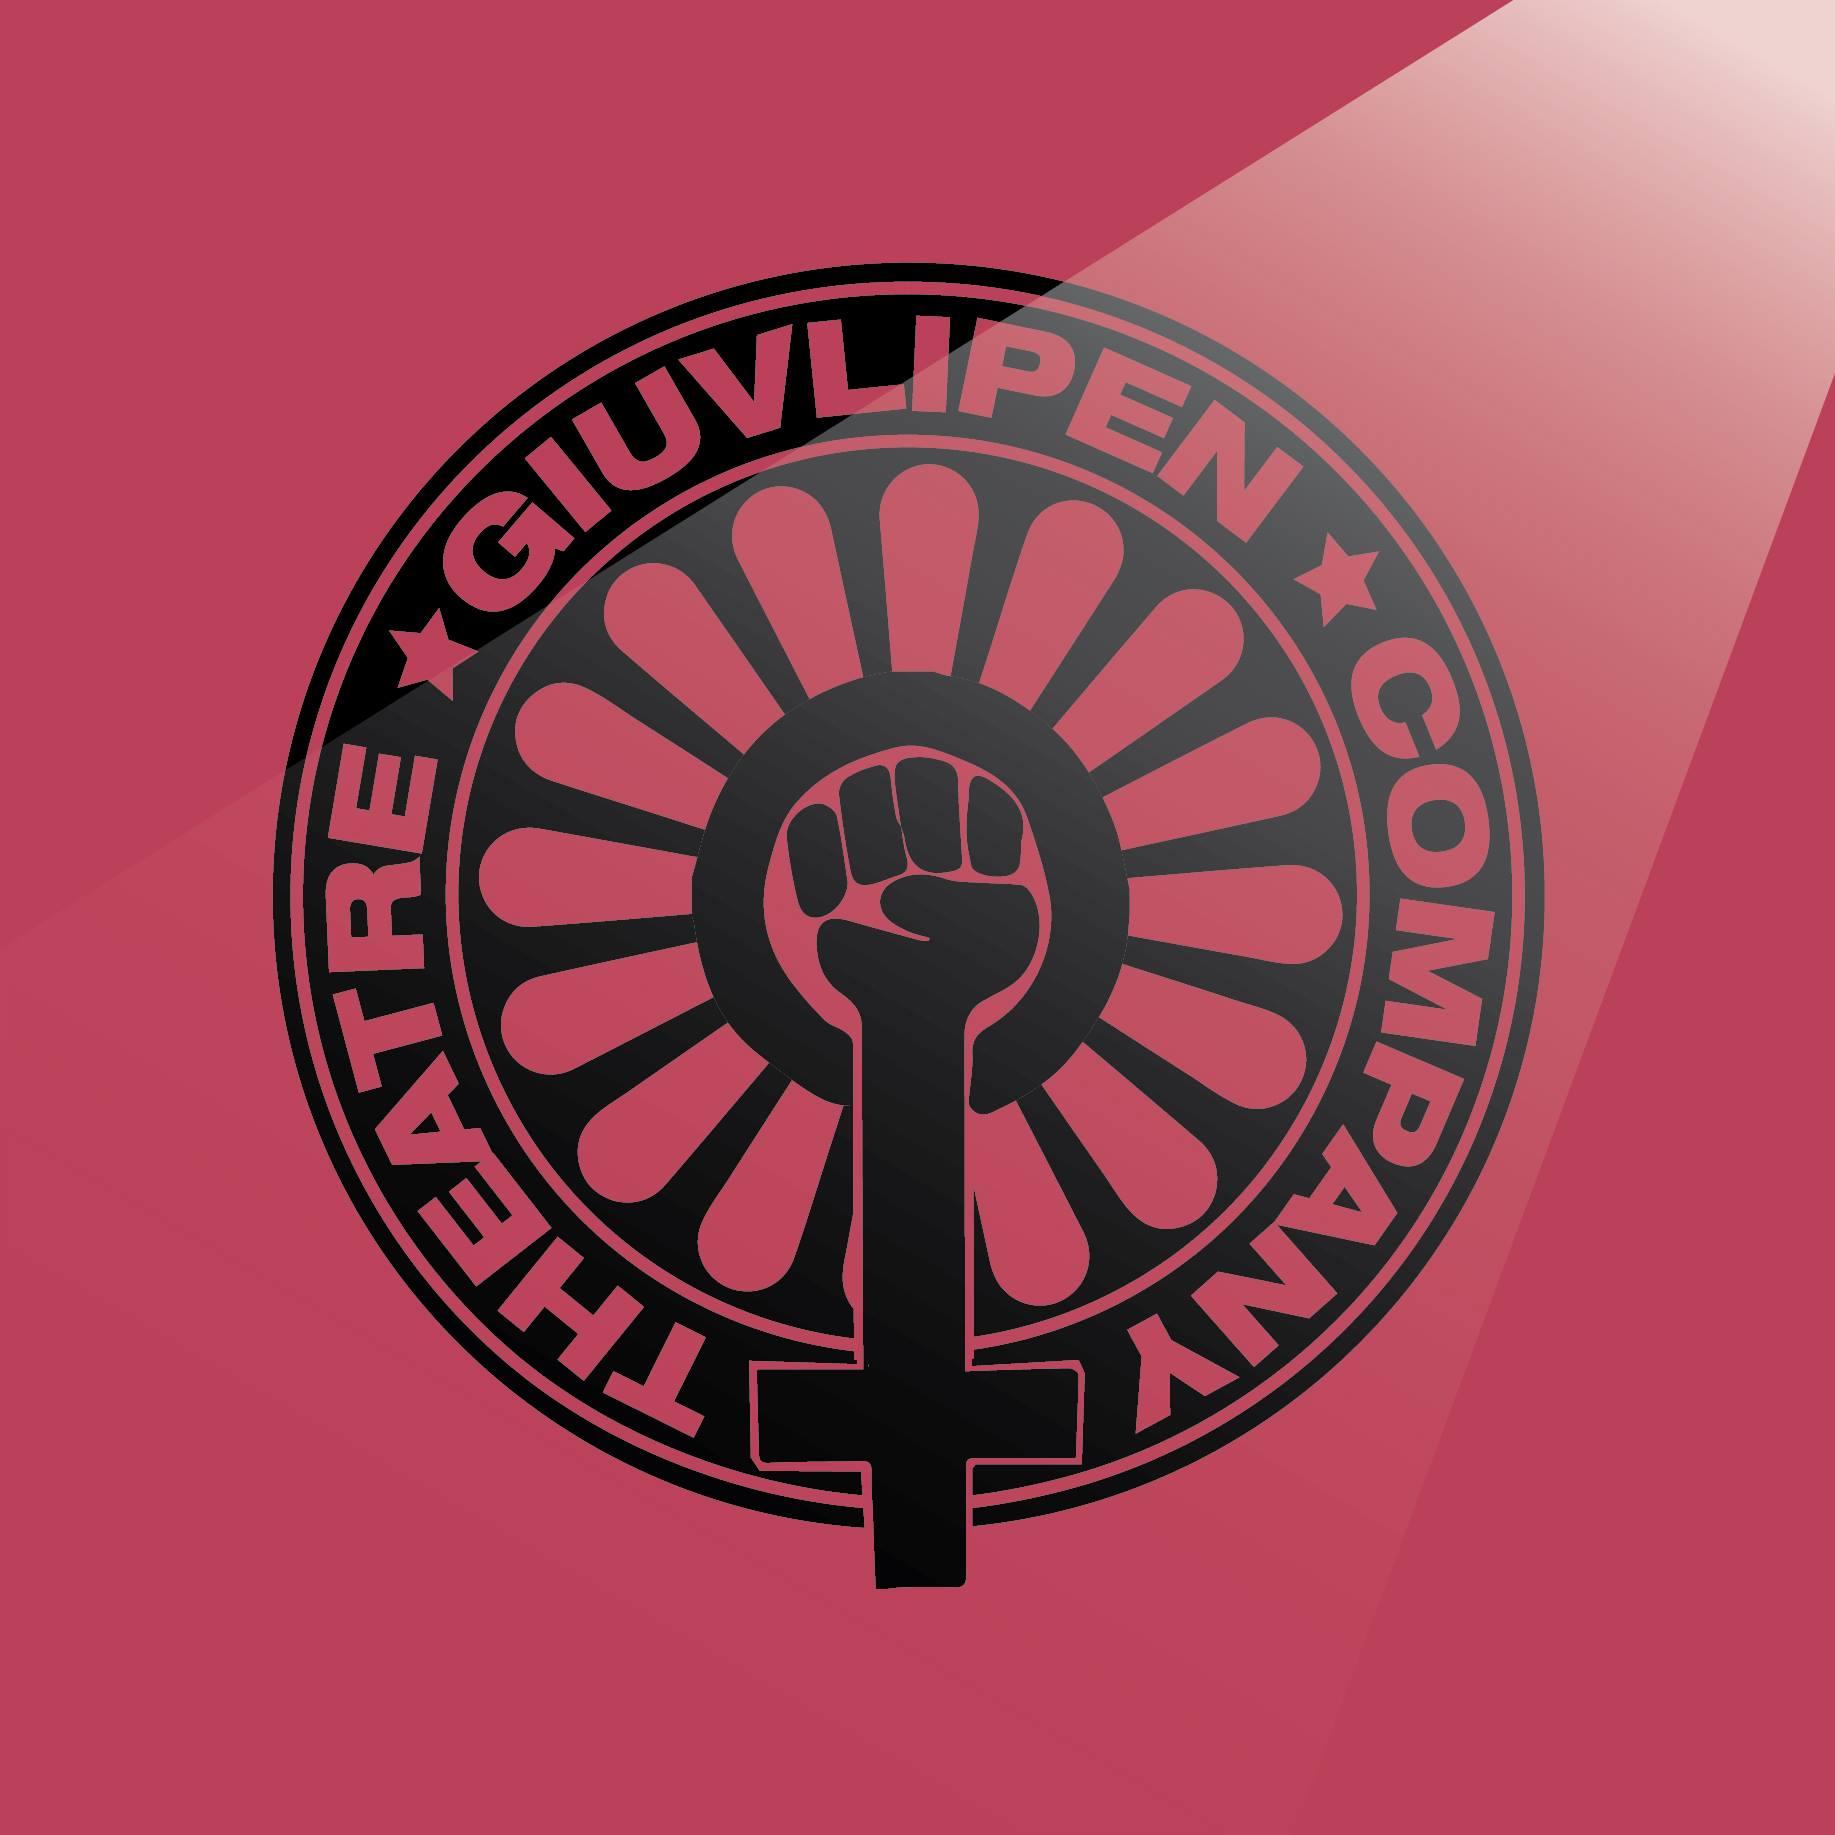 Asociația Actorilor Romi | Compania de Teatru Giuvlipen logo